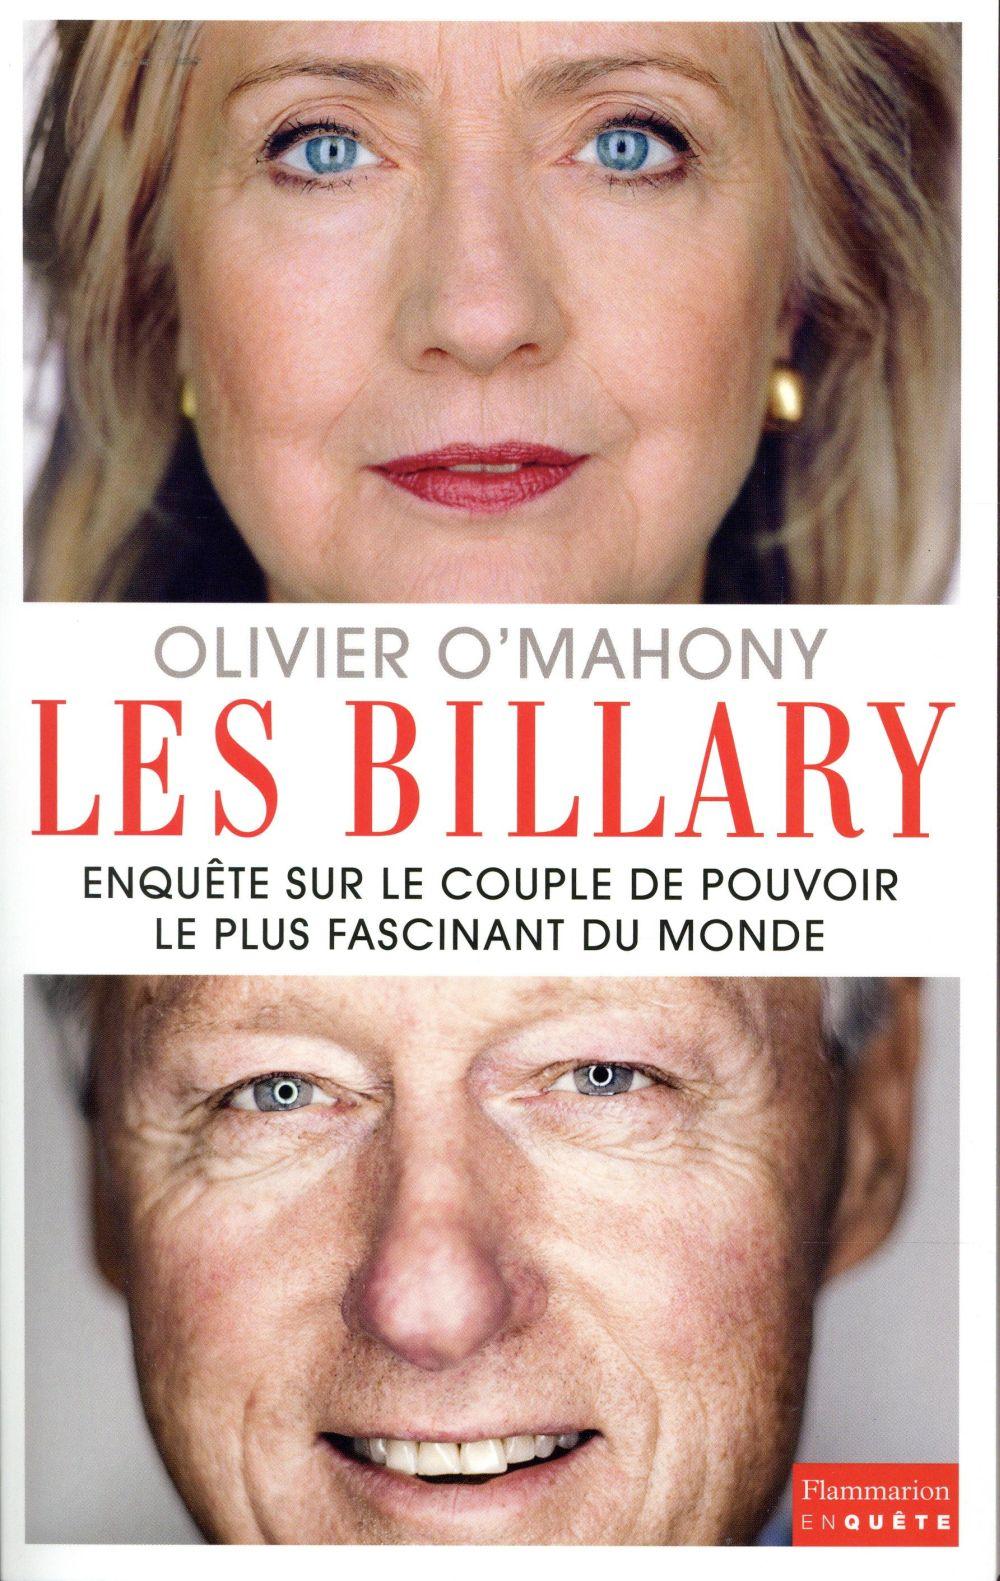 Les billary ; enquête sur le couple de pouvoir le plus fascinant du monde